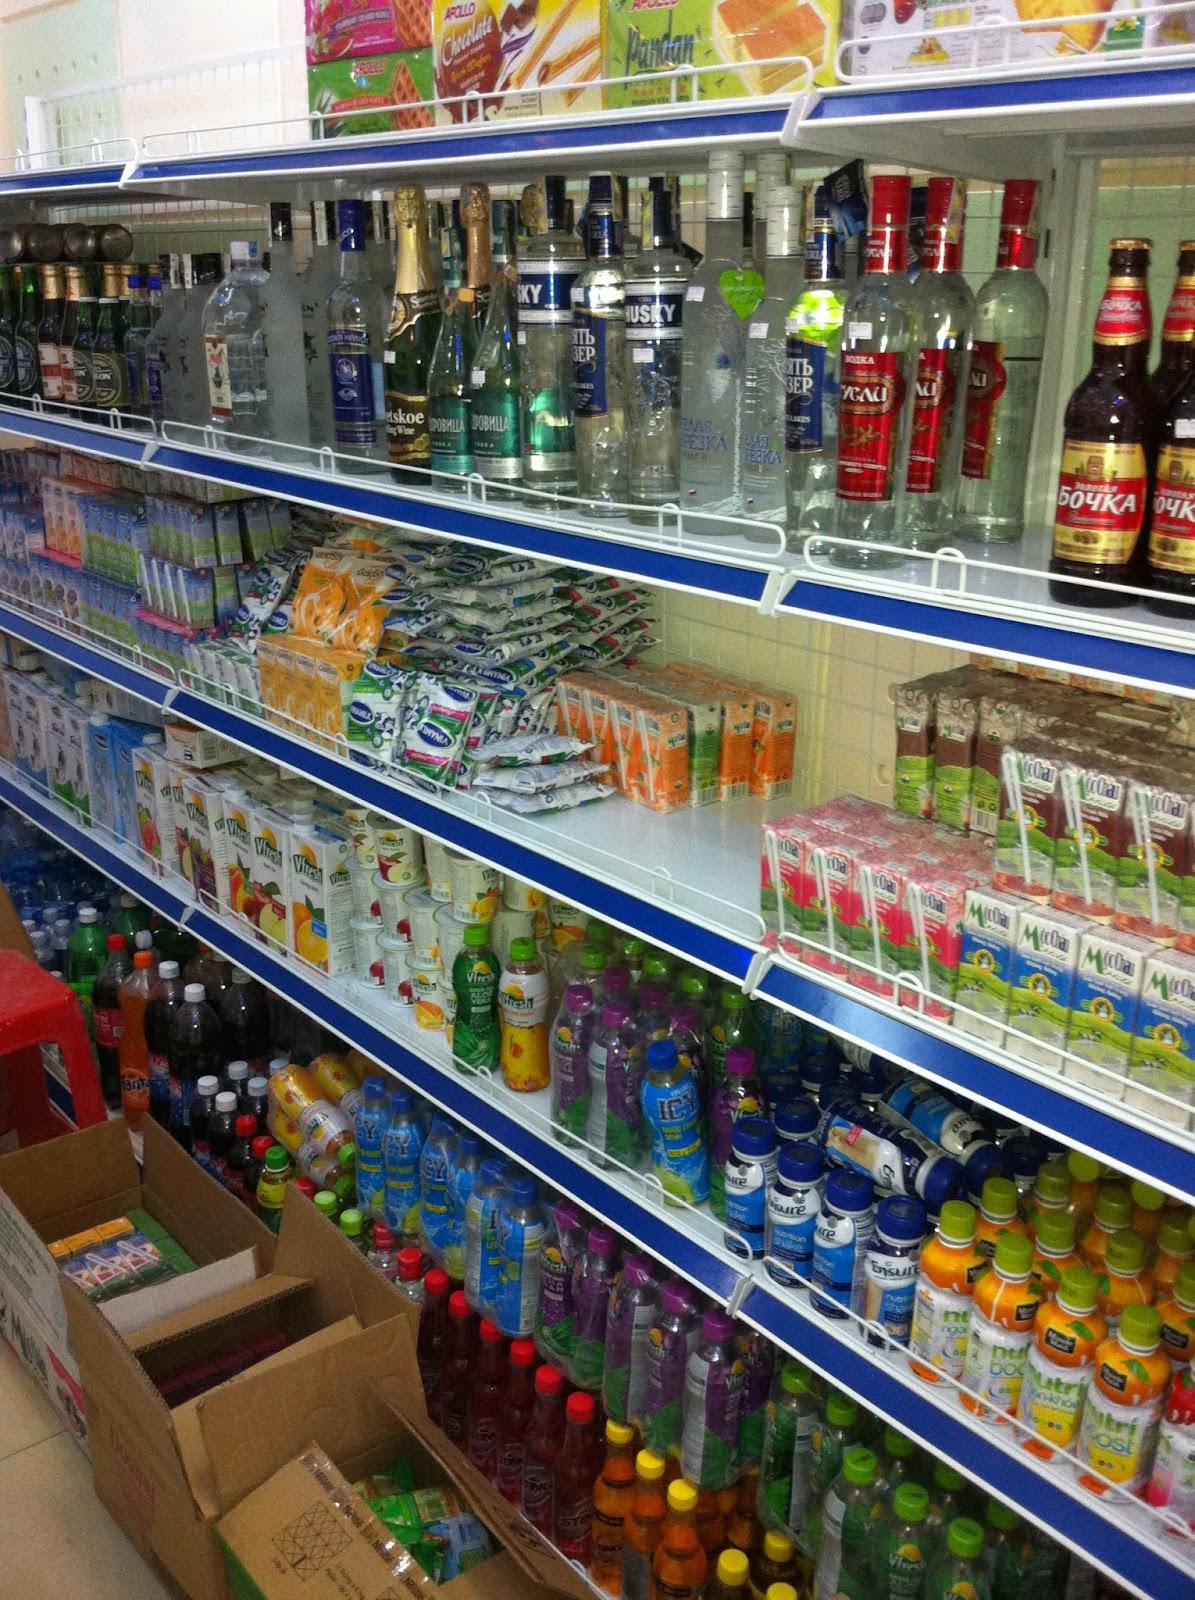 giá kệ siêu thị tại cửa hàng